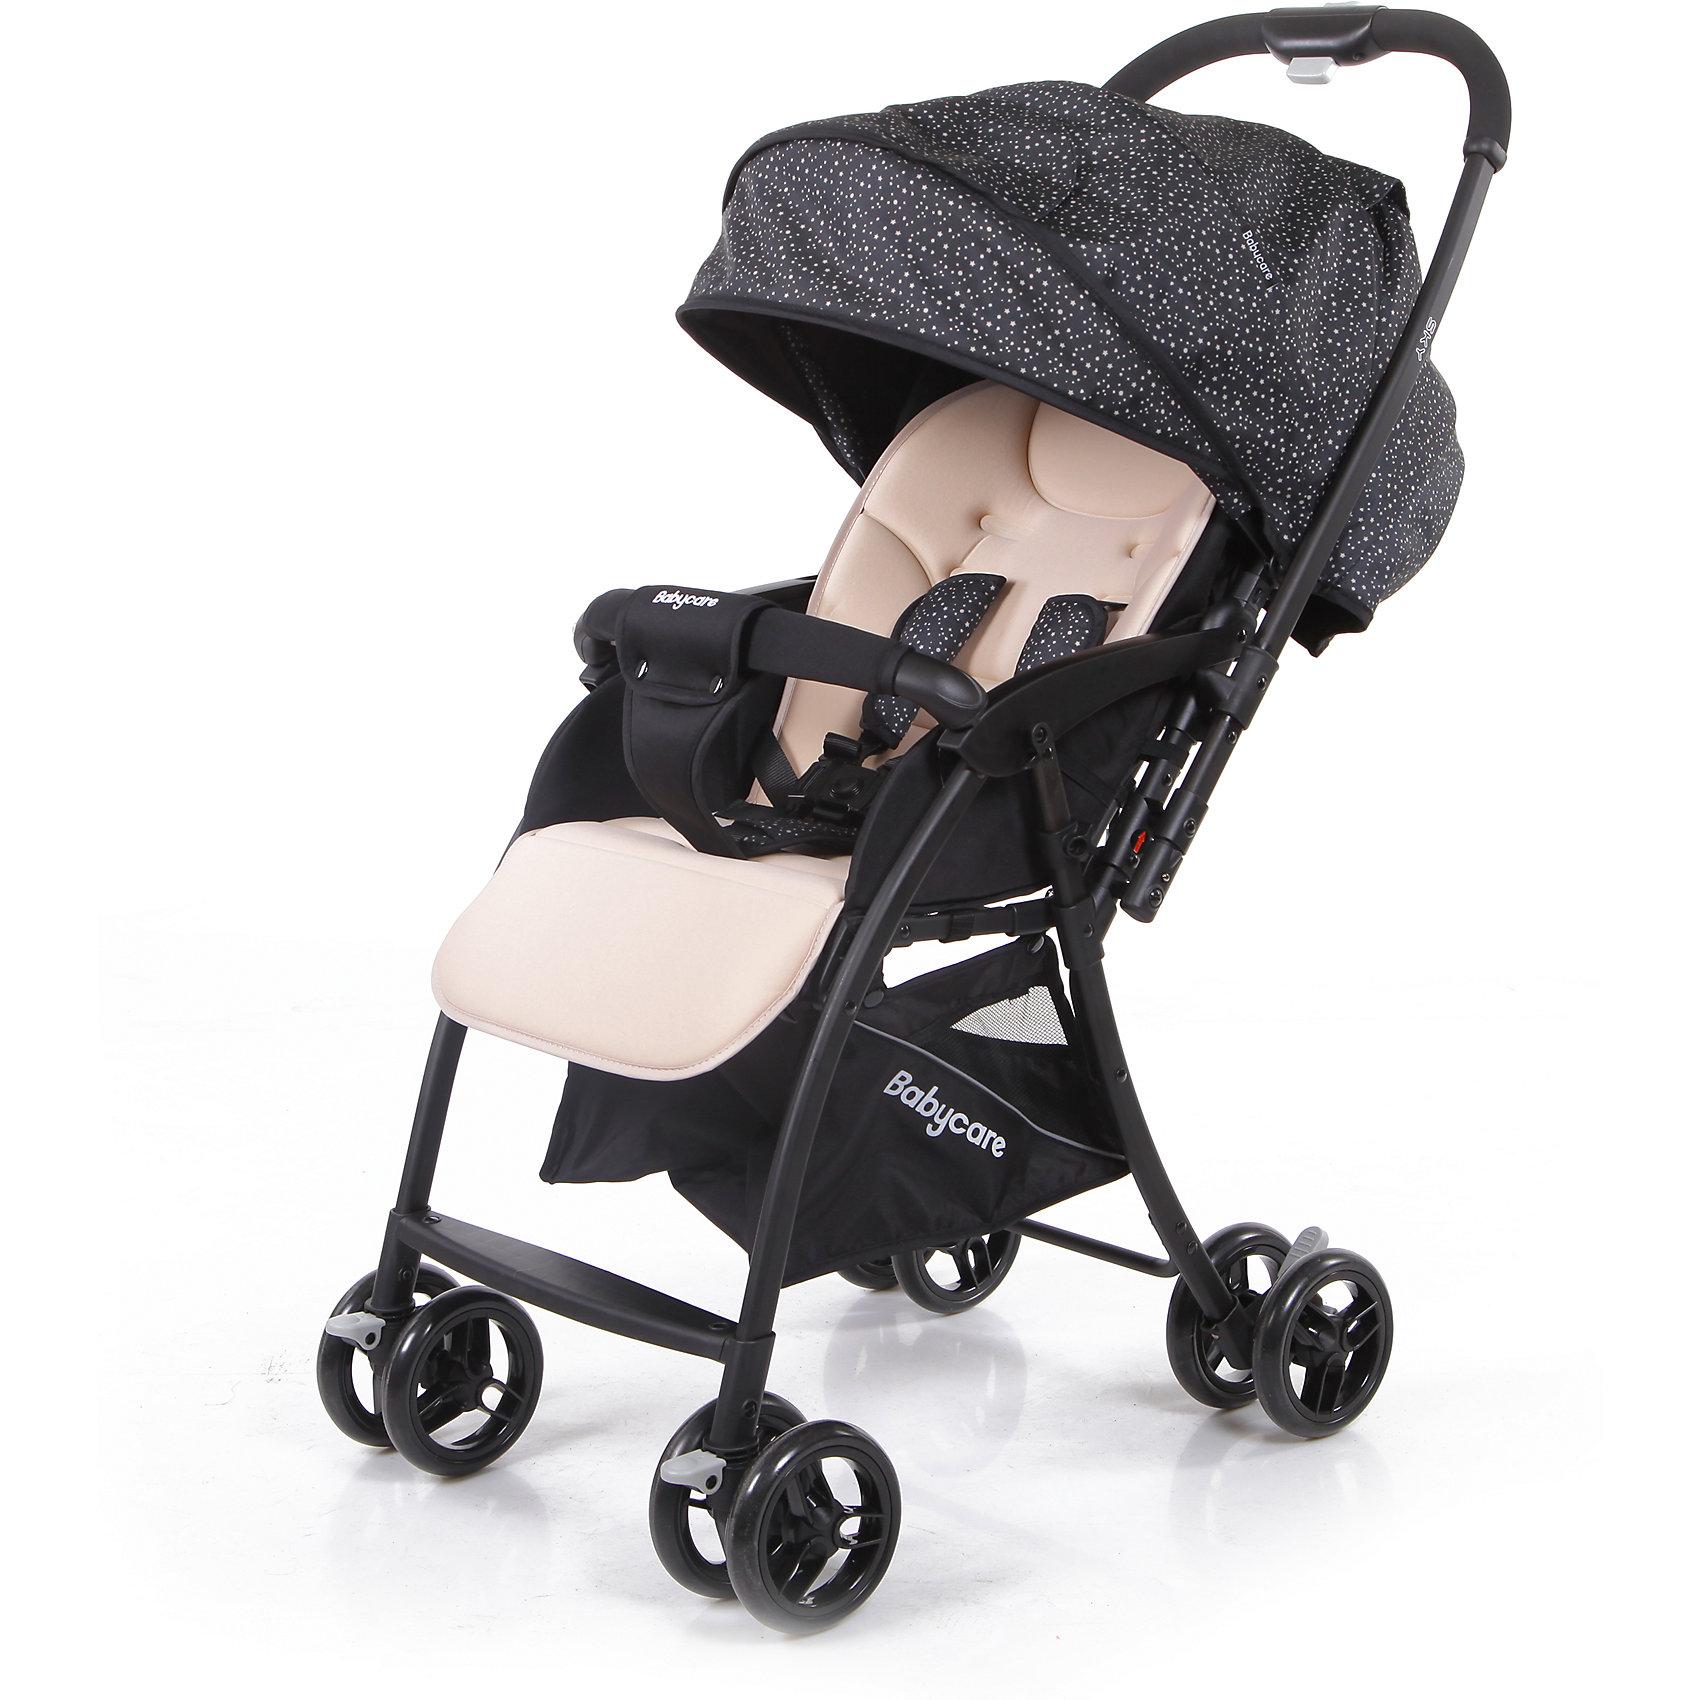 Прогулочная коляска Baby Care Sky, бежевыйПрогулочные коляски для лета<br>Baby Care Sky  - новая прогулочная коляска с перекидной ручкой, легкая и маневренная. <br>Коляска легко и удобно складывается, благодаря чему занимает очень мало места.<br>Съемный бампер с мягкой обивкой, отстегивающийся с одной стороны. <br>Спинка  регулируется плавно с помощью ремней. <br>В комплекте есть чехол на ножки и корзинка для покупок. Коляска имеет 5-ти точечные ремни безопасности. <br>Может стоять в сложенном состоянии и складывается одной рукой.<br>Особенности:<br>• алюминиевая рама<br>• плавающие передние колеса с ручной фиксацией<br>• 5-ти точеный ремень безопасности<br>• бампер с мягкой обивкой отстёгивается с одной стороны<br>• спинка регулируется при помощи ремня<br>• регулируемая подножка<br>• ножная тормозная система<br>• амортизация передних колёс<br>• окошки в капюшоне <br>• перекидная родительская ручка<br>• коляска может стоять в сложенном состоянии<br>• коляску можно сложить одной рукой<br>Характеристики:<br>• диаметр колес: передние – 13.4 см, задние — 13.4 см<br>• тип колес: двойные<br>• механизм складывания: книжка<br>• вес: 4.7 кг <br>• ширина сиденья: 34 см<br>• размер корзины: 31х31х18 см<br>• размер в разложенном виде: 83х47х98 см<br>• размер в сложенном виде: 30х47х93 см<br><br>Ширина мм: 730<br>Глубина мм: 460<br>Высота мм: 210<br>Вес г: 6200<br>Возраст от месяцев: 6<br>Возраст до месяцев: 36<br>Пол: Унисекс<br>Возраст: Детский<br>SKU: 6668622